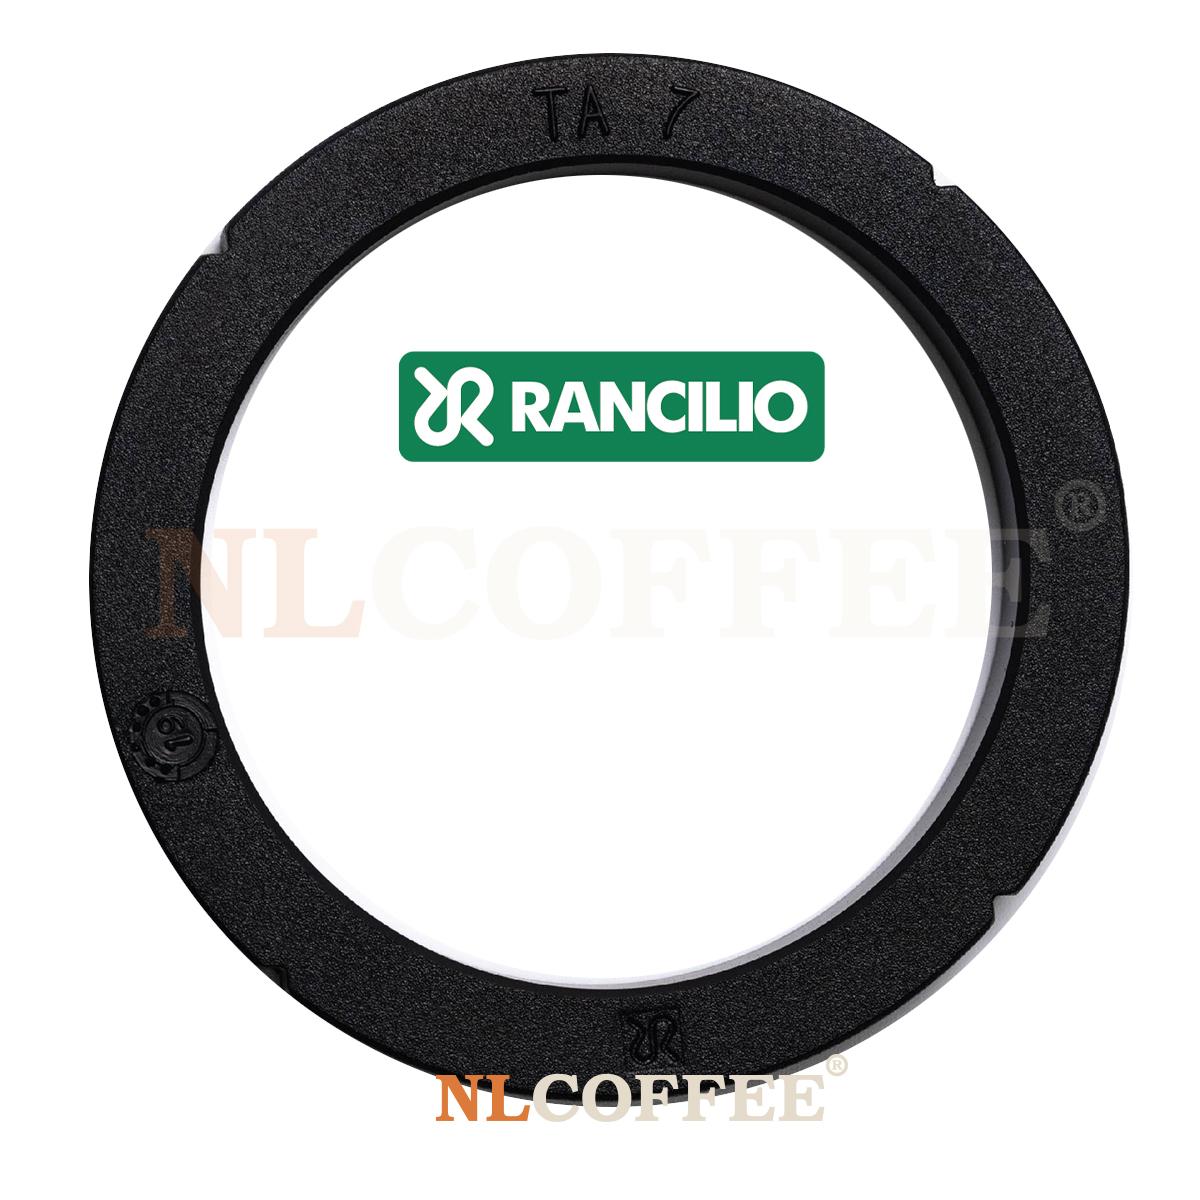 ซีลยาง Group Gasket : Rancillio มีโลโก้บนยาง